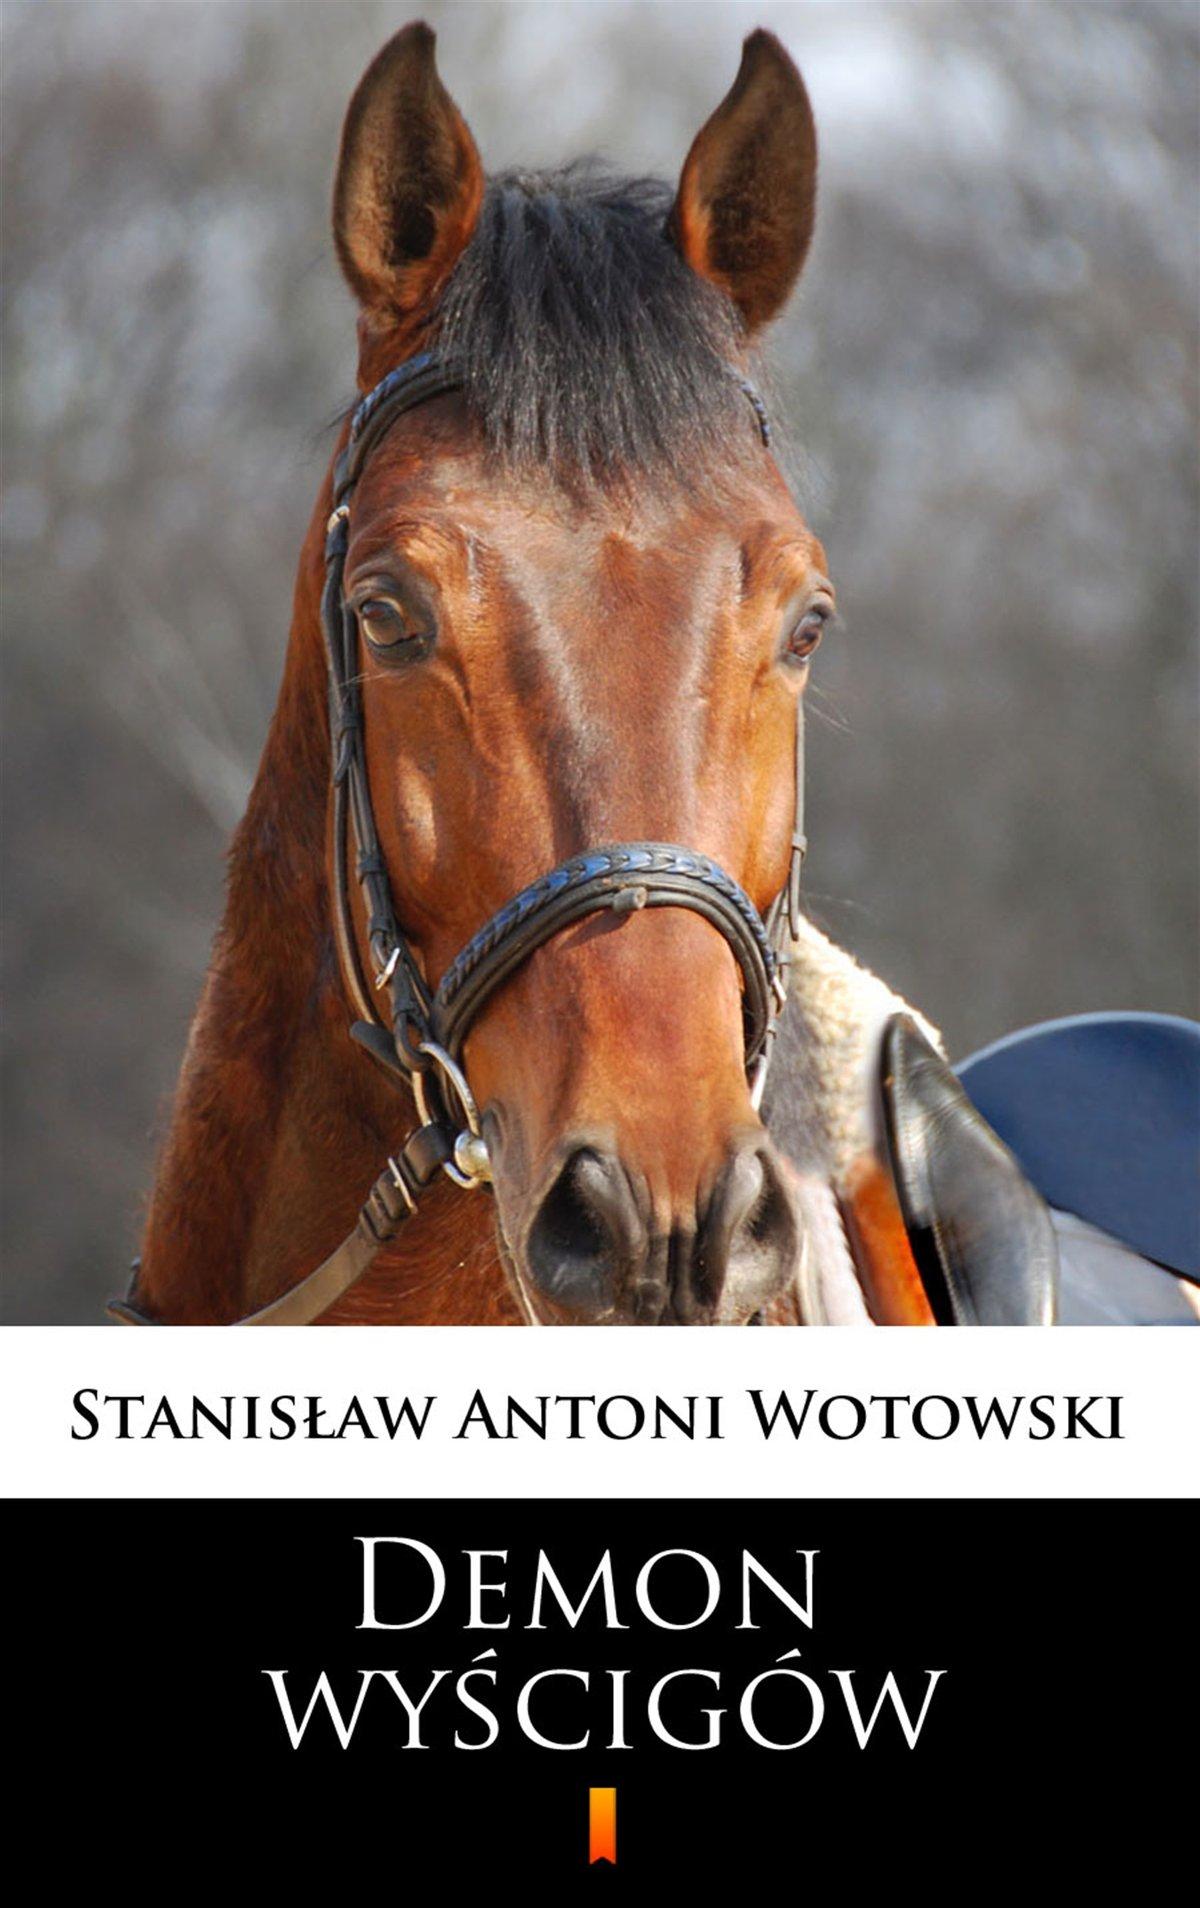 Demon wyścigów - Stanisław Antoni Wotowski